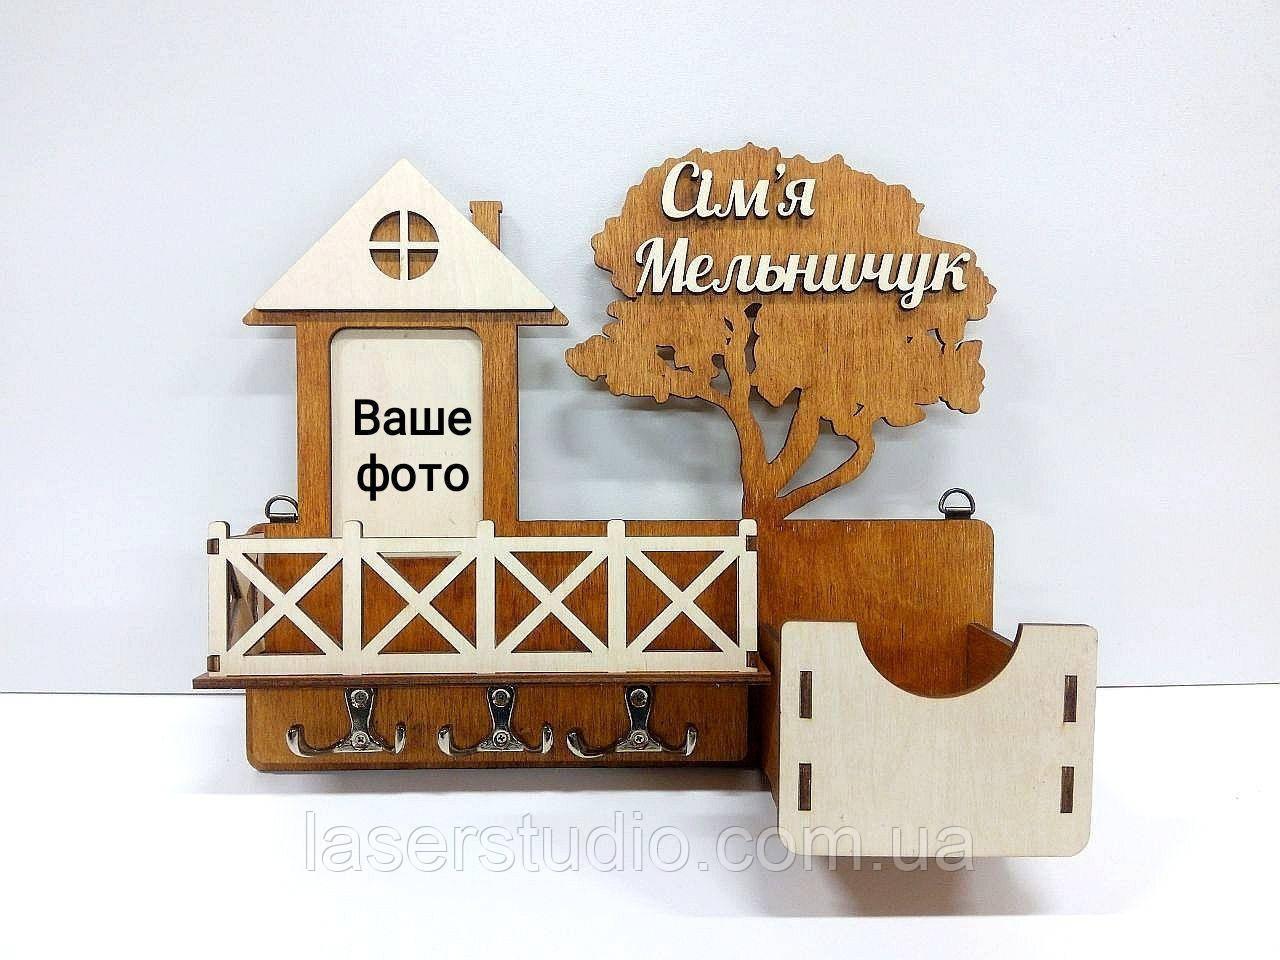 Деревянная Ключница настенная с фоторамкой, Фамилией семьи, Настенная ключница в форме дома с полкой